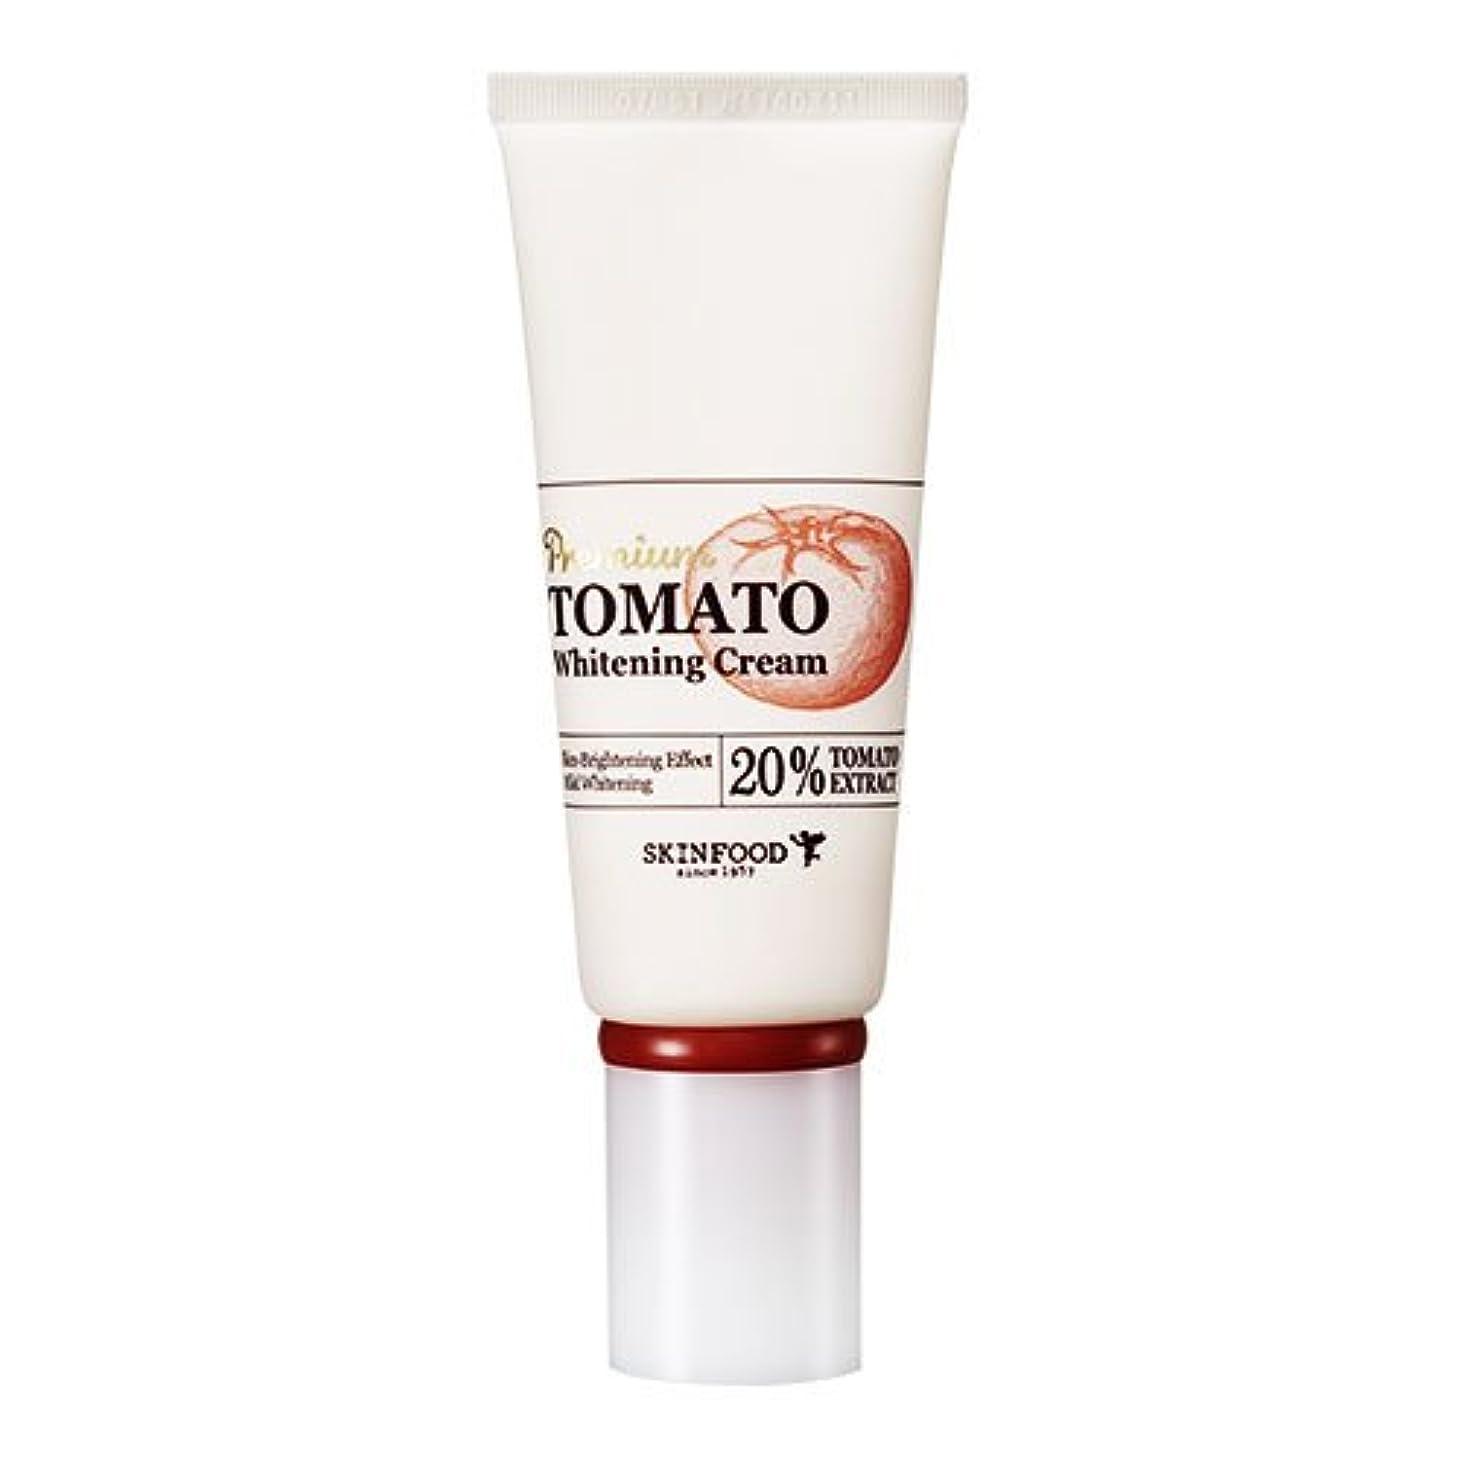 プラス失業者アブセイSkinfood プレミアムトマトホワイトニングクリーム(美白効果) / Premium Tomato Whitening Cream (Skin-Brightening Effect) 50g [並行輸入品]